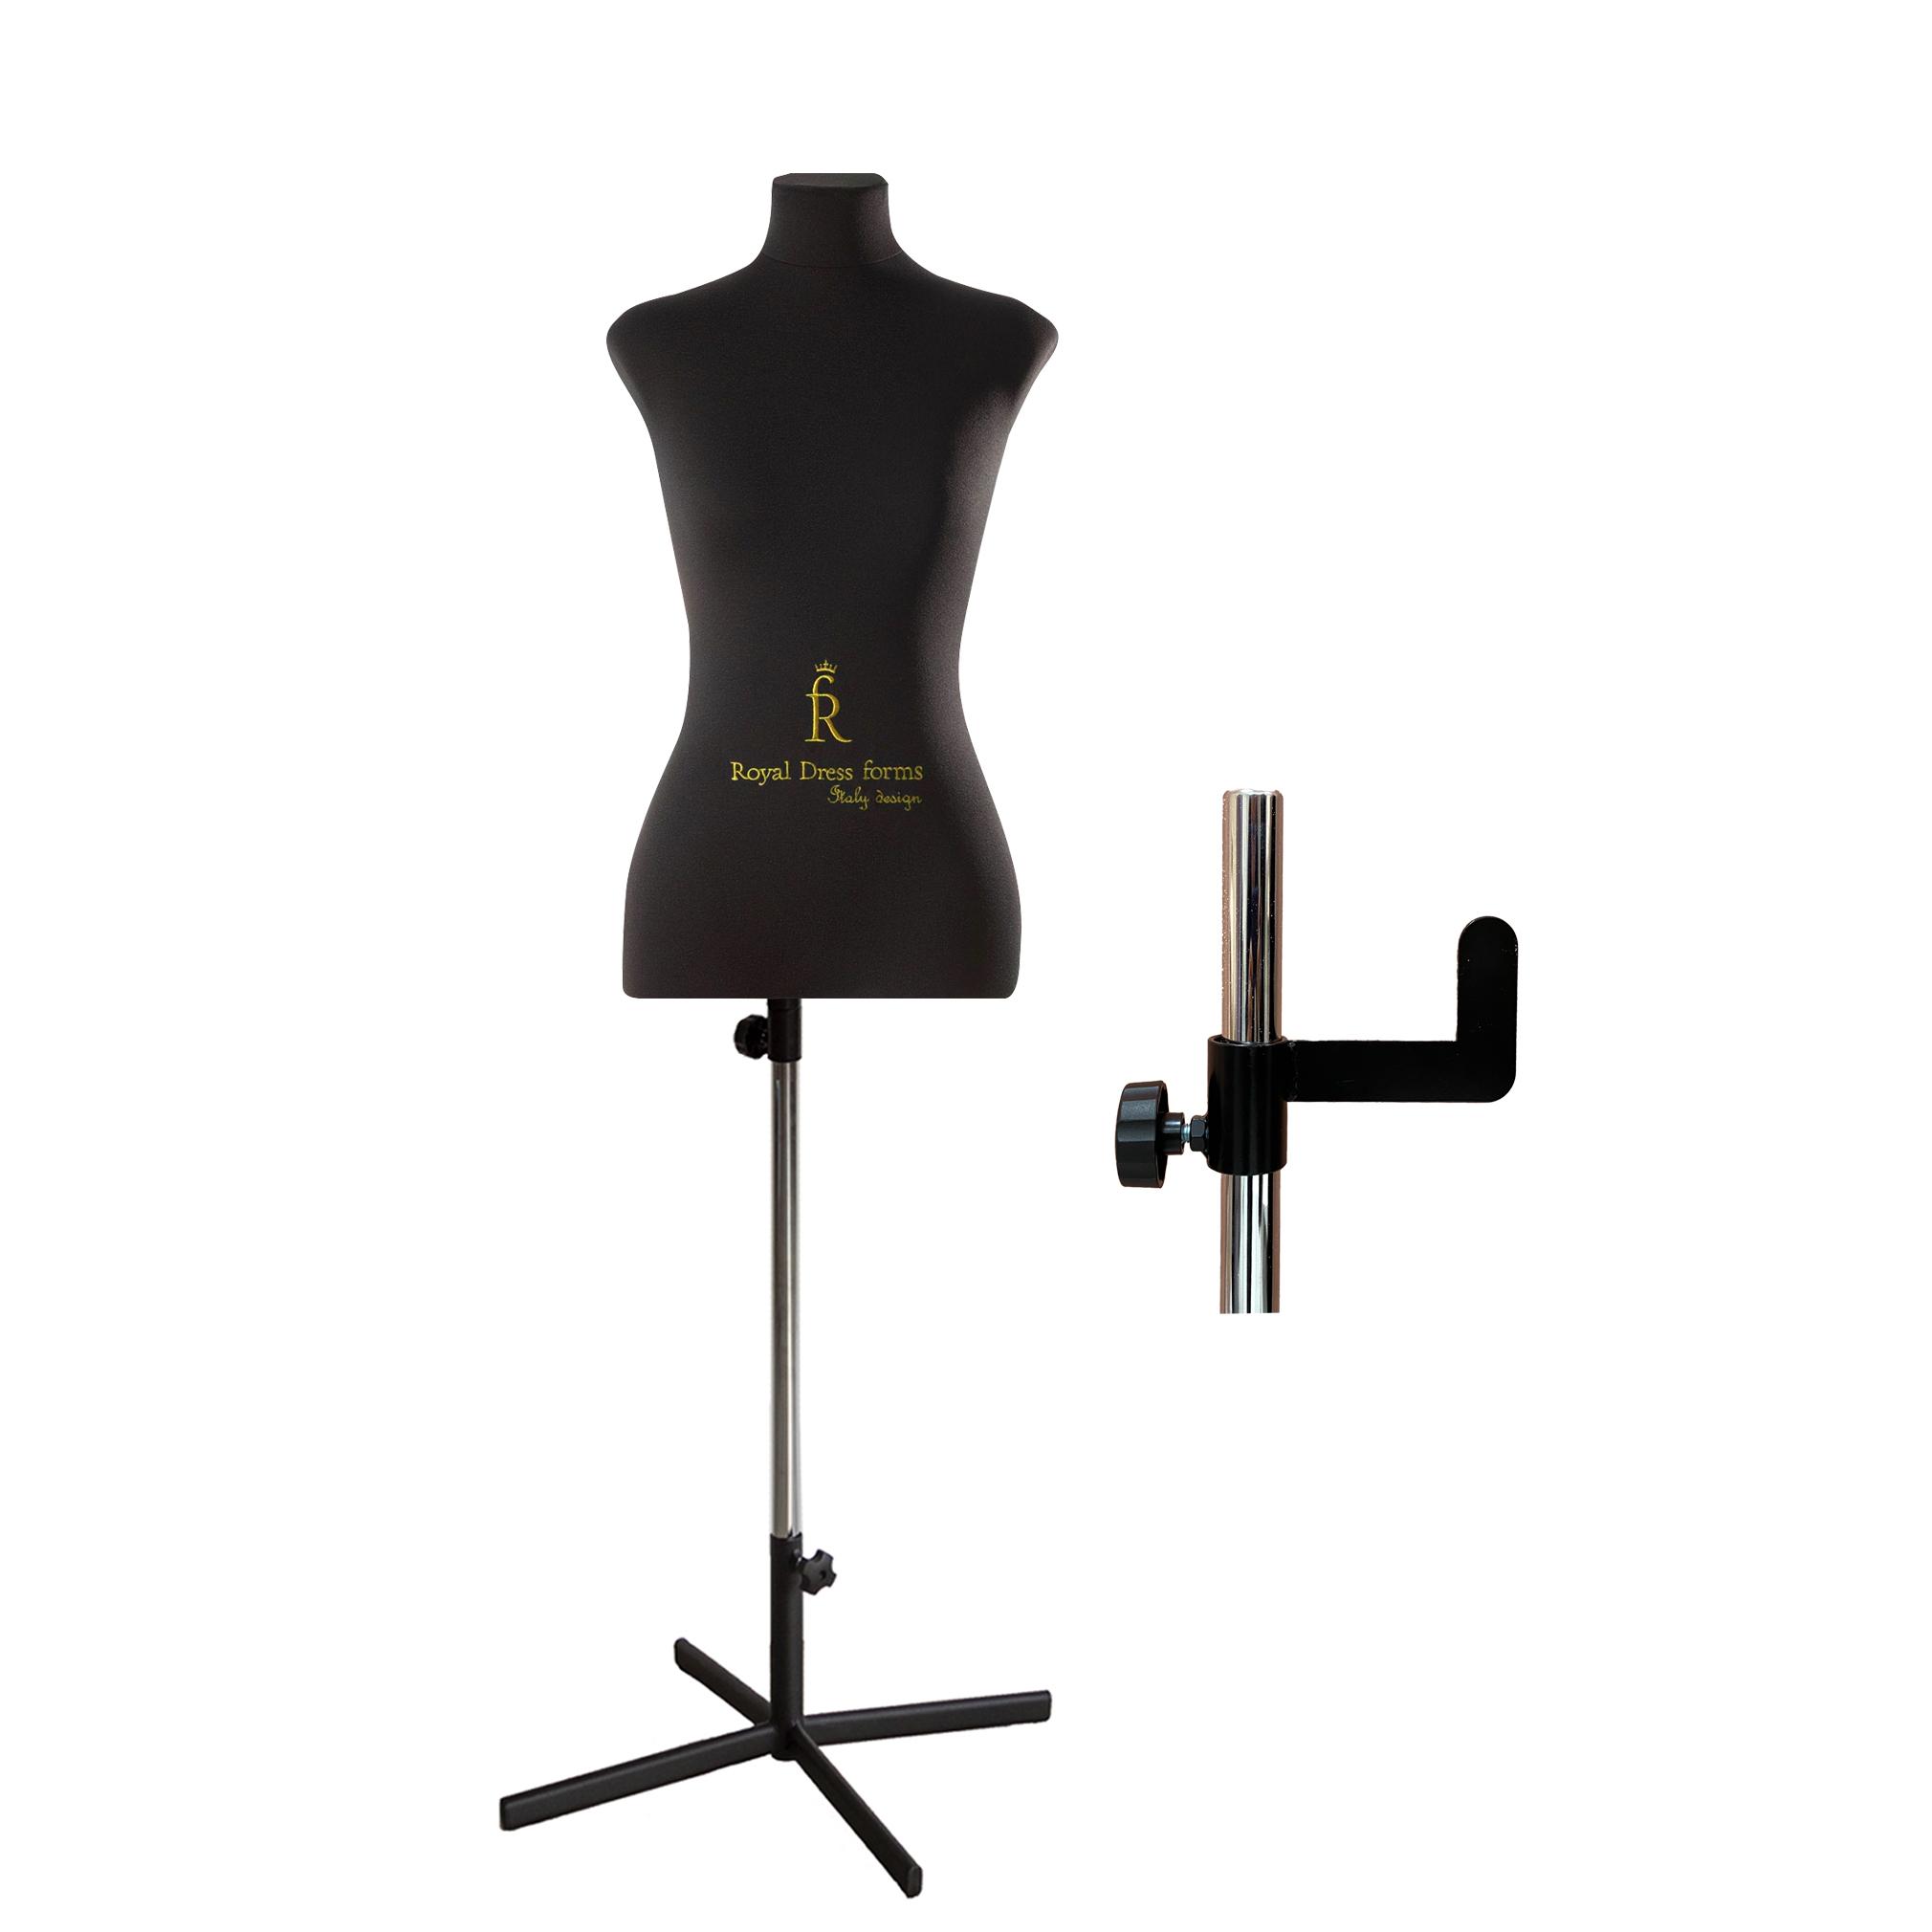 Манекен портновский Кристина, комплект Премиум, размер 48, цвет чёрный, в комплекте подставка